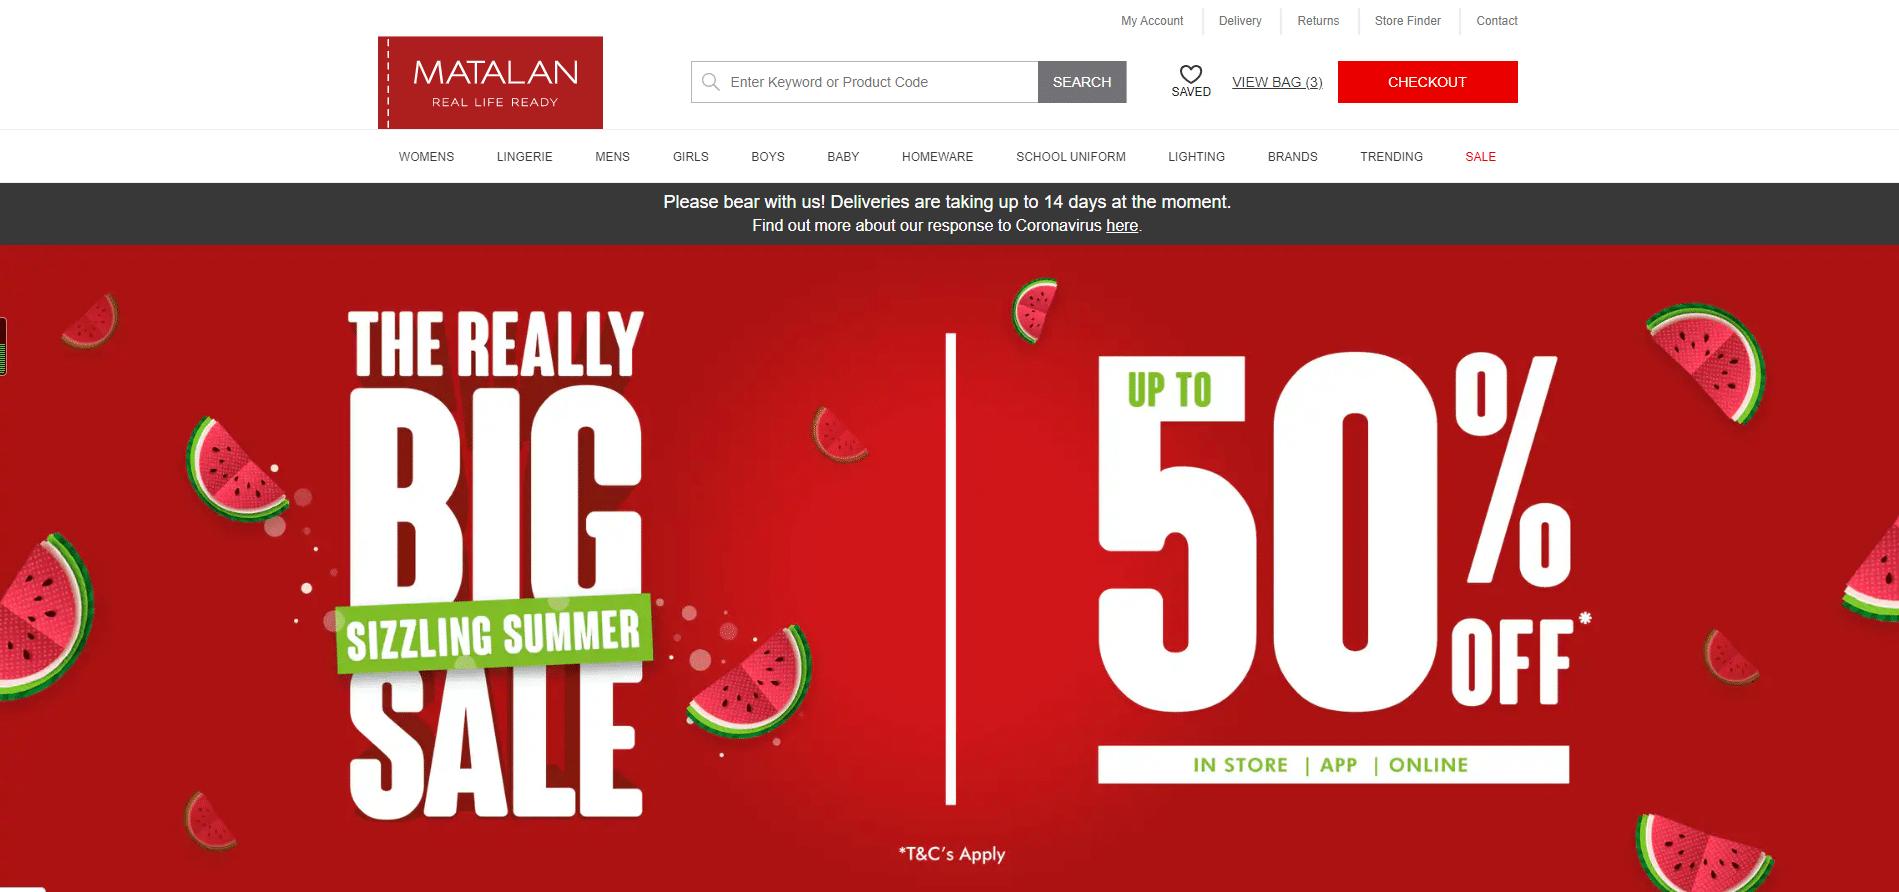 matalan discount